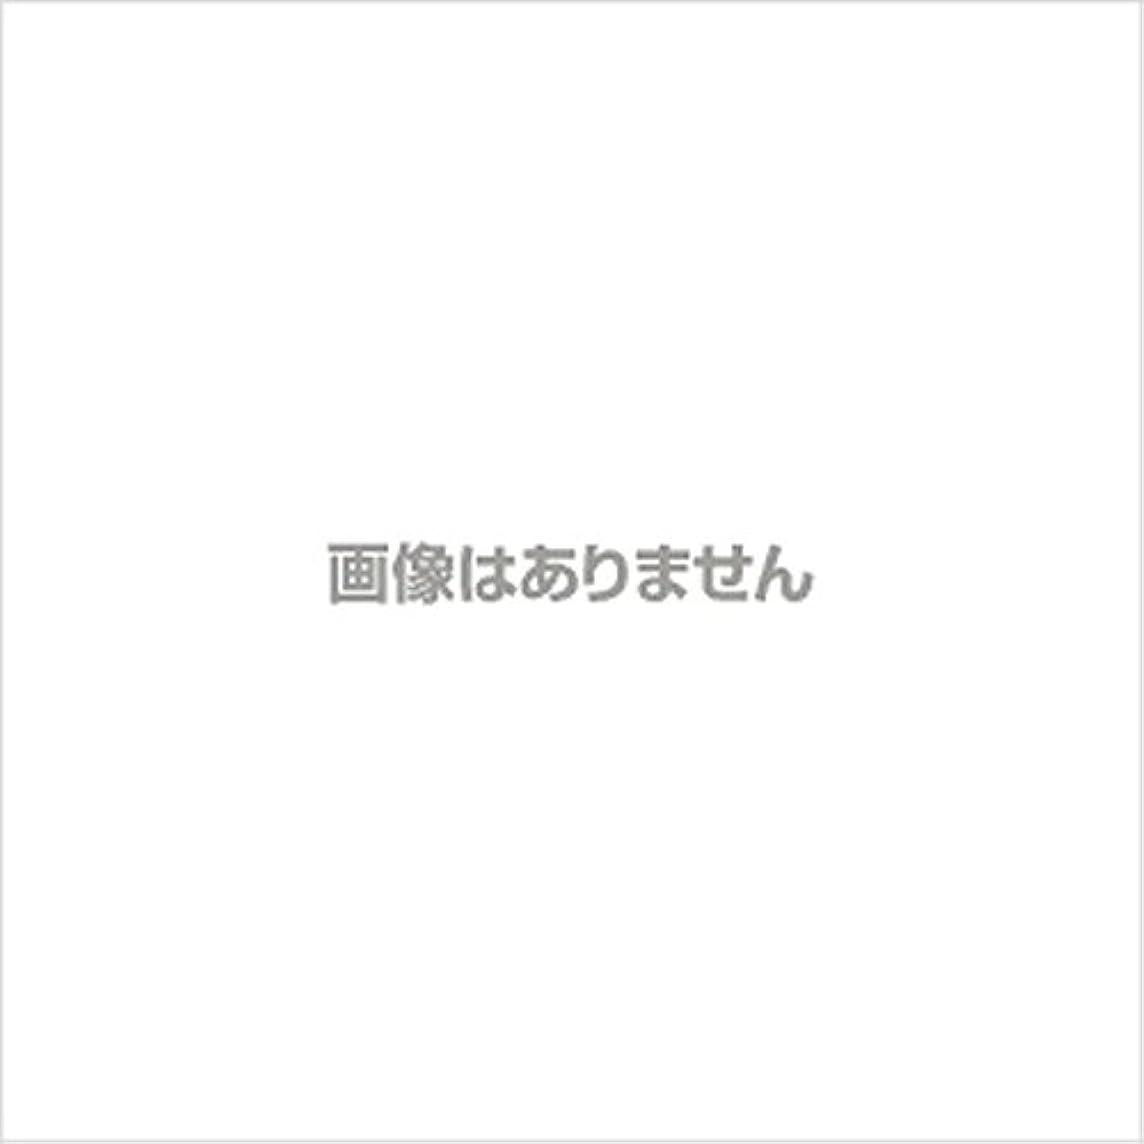 部広範囲に以前は【新発売】EBUKEA エブケアNO1002 プラスチックグローブ(粉付)Mサイズ 100枚入(極薄?半透明)